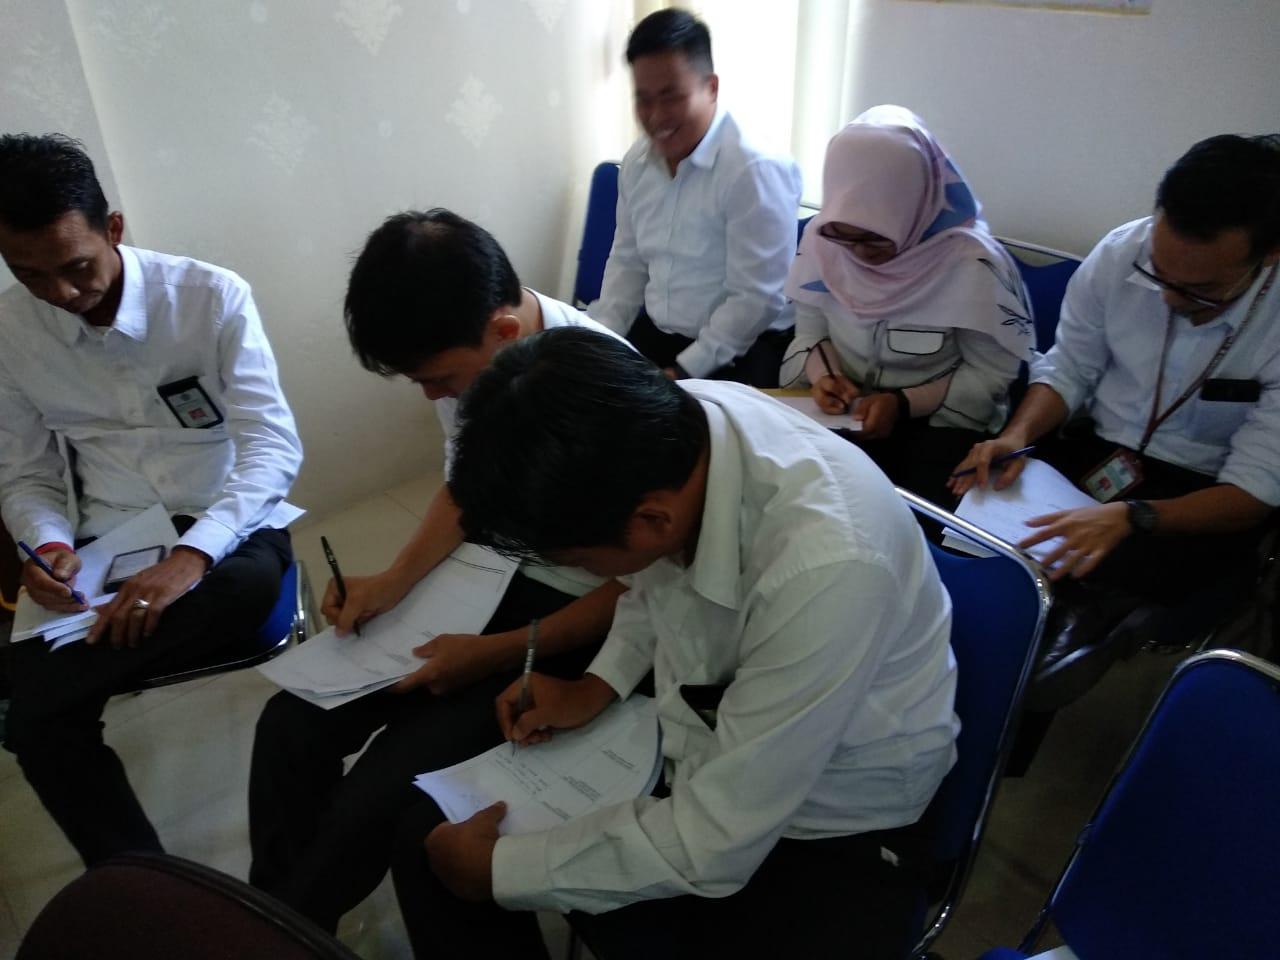 Pre-Test dan Post-Test PUG pada KPKNL Bandar Lampung: Selain Pegawai, juga Diikuti Honorer dan Satpam